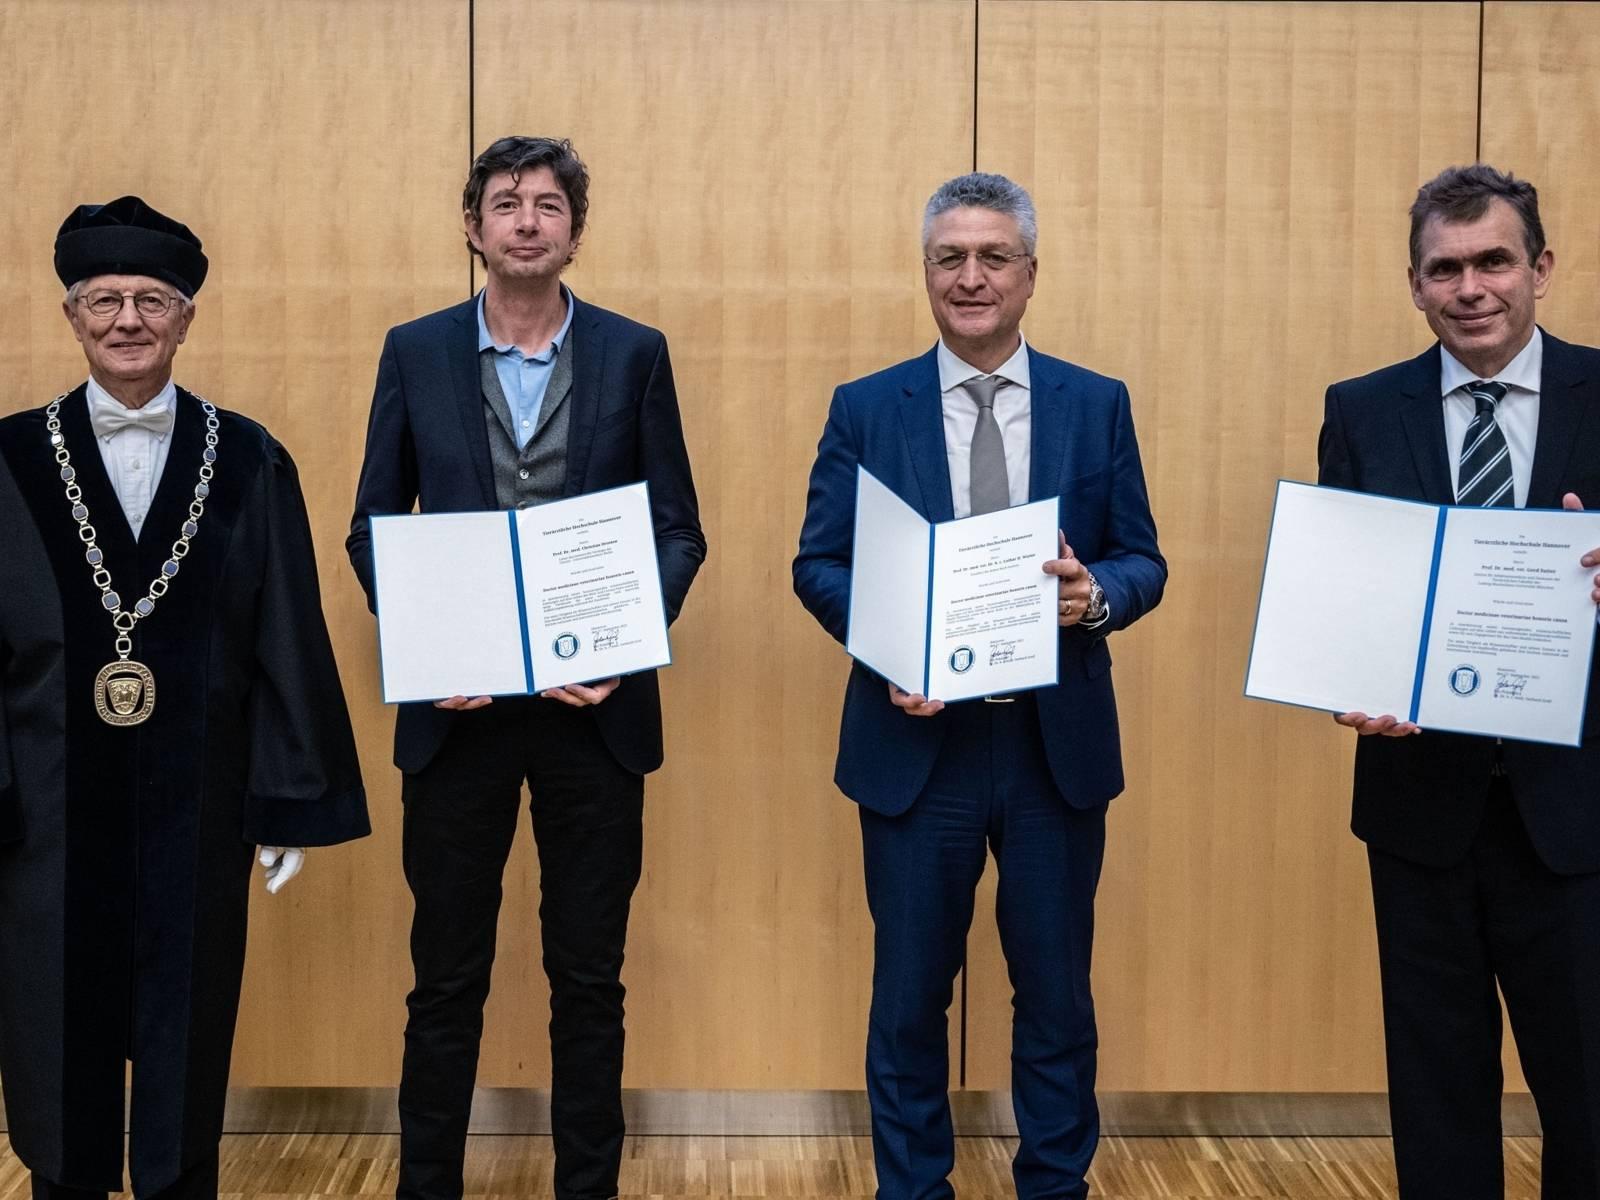 Vier Männer, einer in Amtstracht mit Amtskette, drei halten Urkunden in die Kamera.